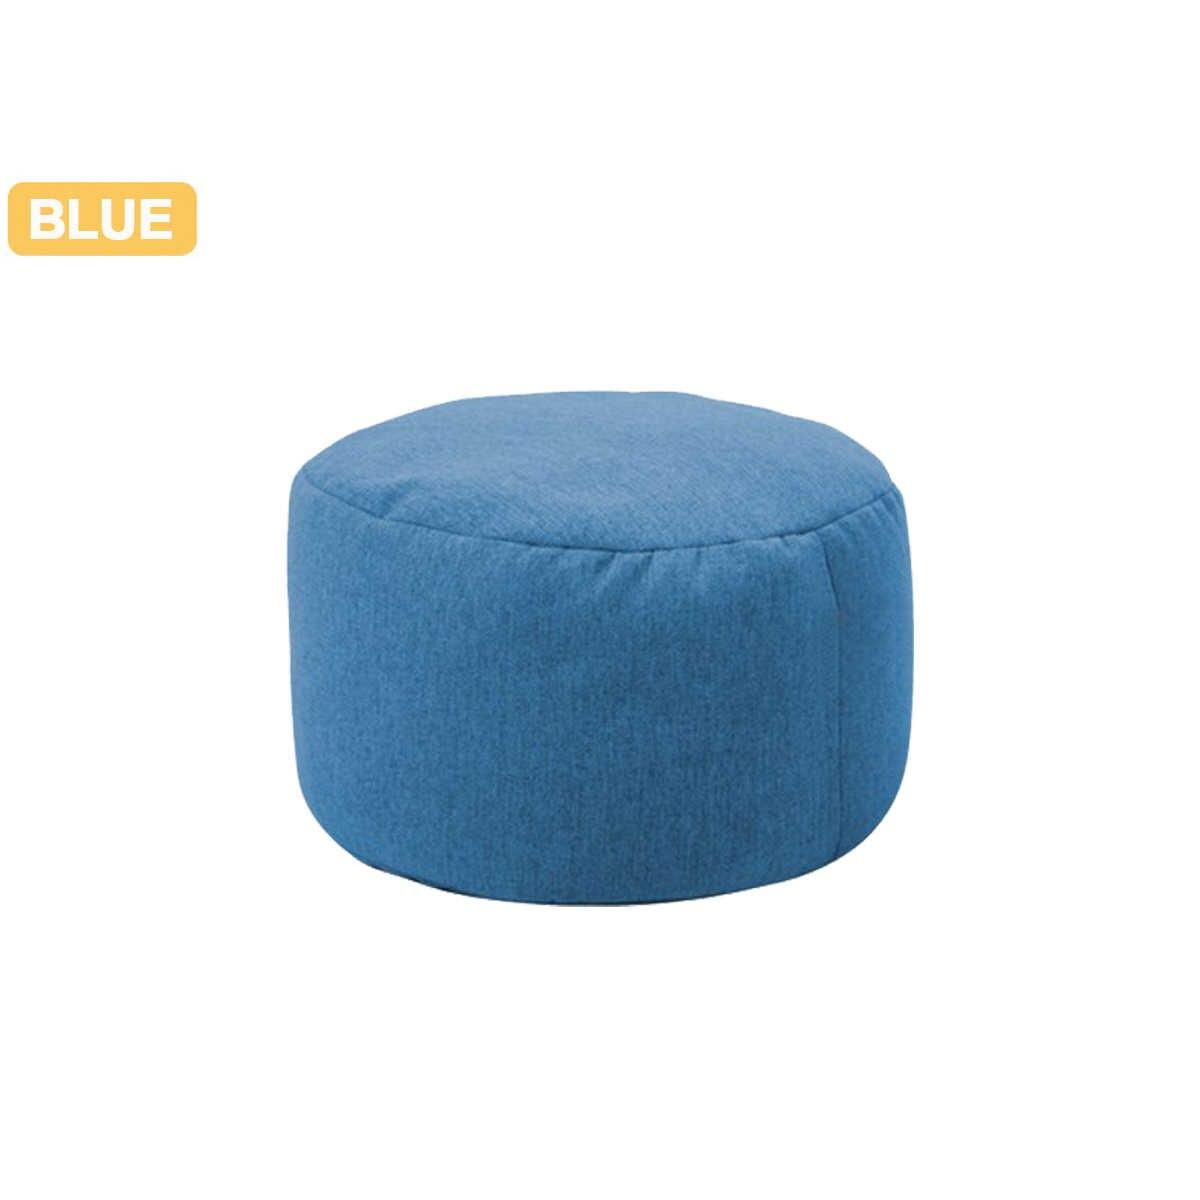 Pequeno Rodada Sofás Beanbag Cobertura Jogo de Cama À Prova D' Água Assento Da Cadeira Cadeira do Saco de Feijão Cadeira Espreguiçadeira Sofá de Linho de Algodão Cor Sólida enseada